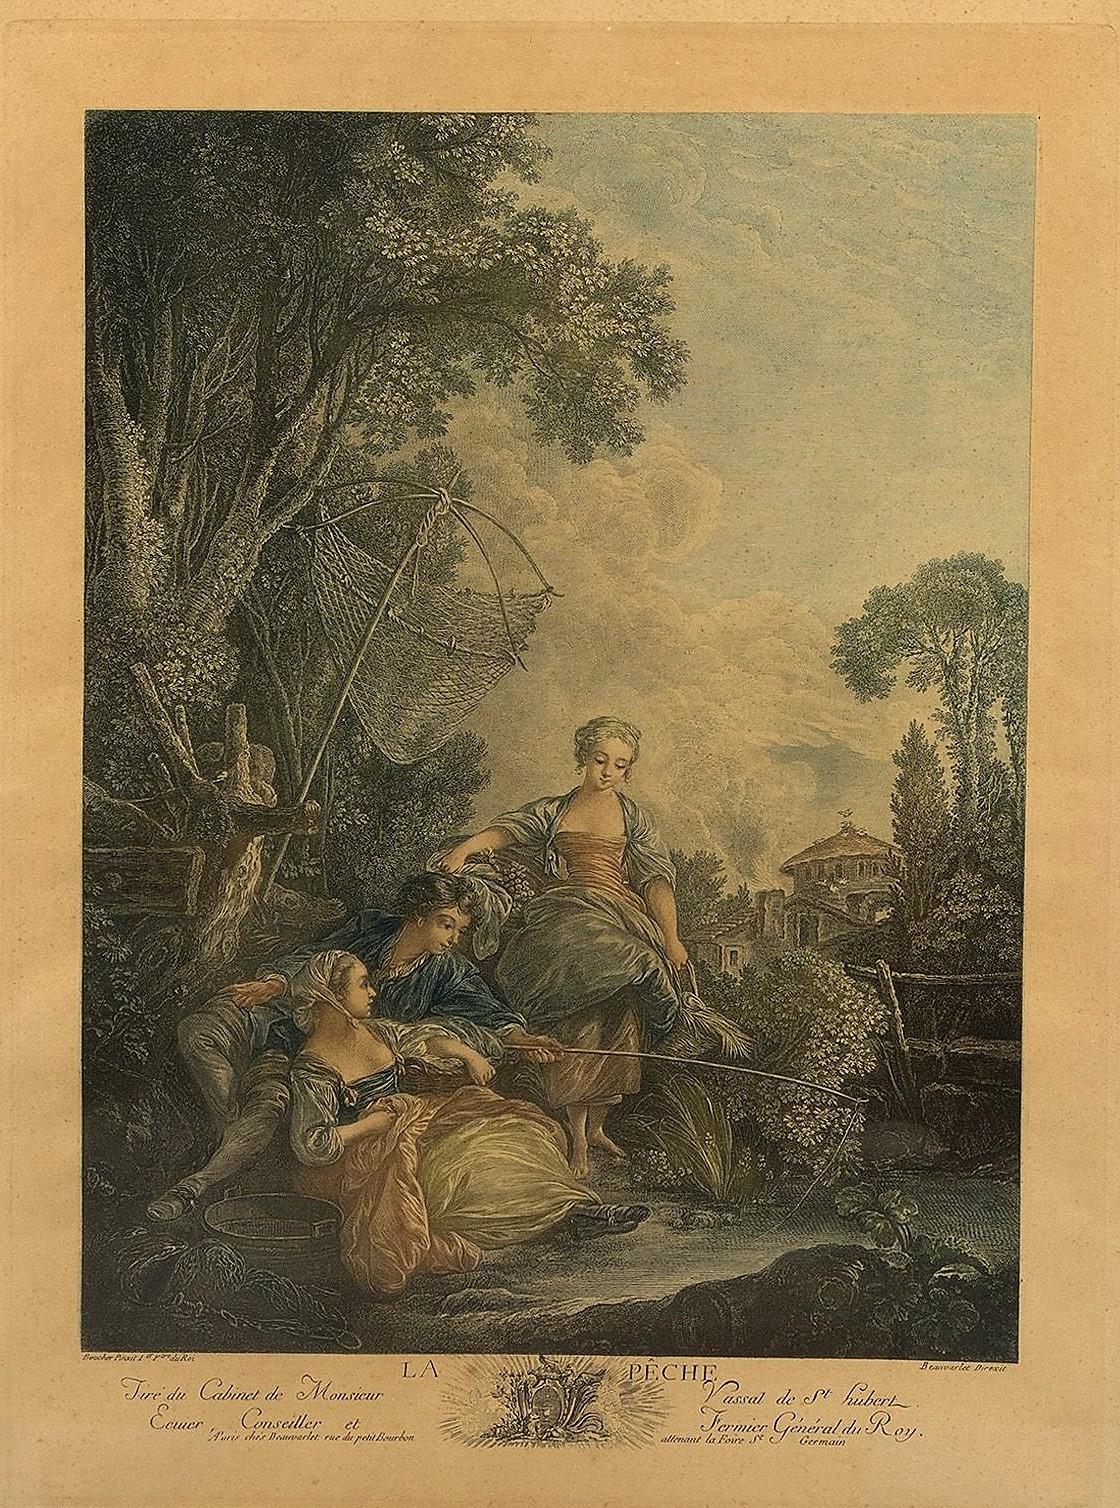 Boucher 1766 Les amusements de la jeunesse au village la peche